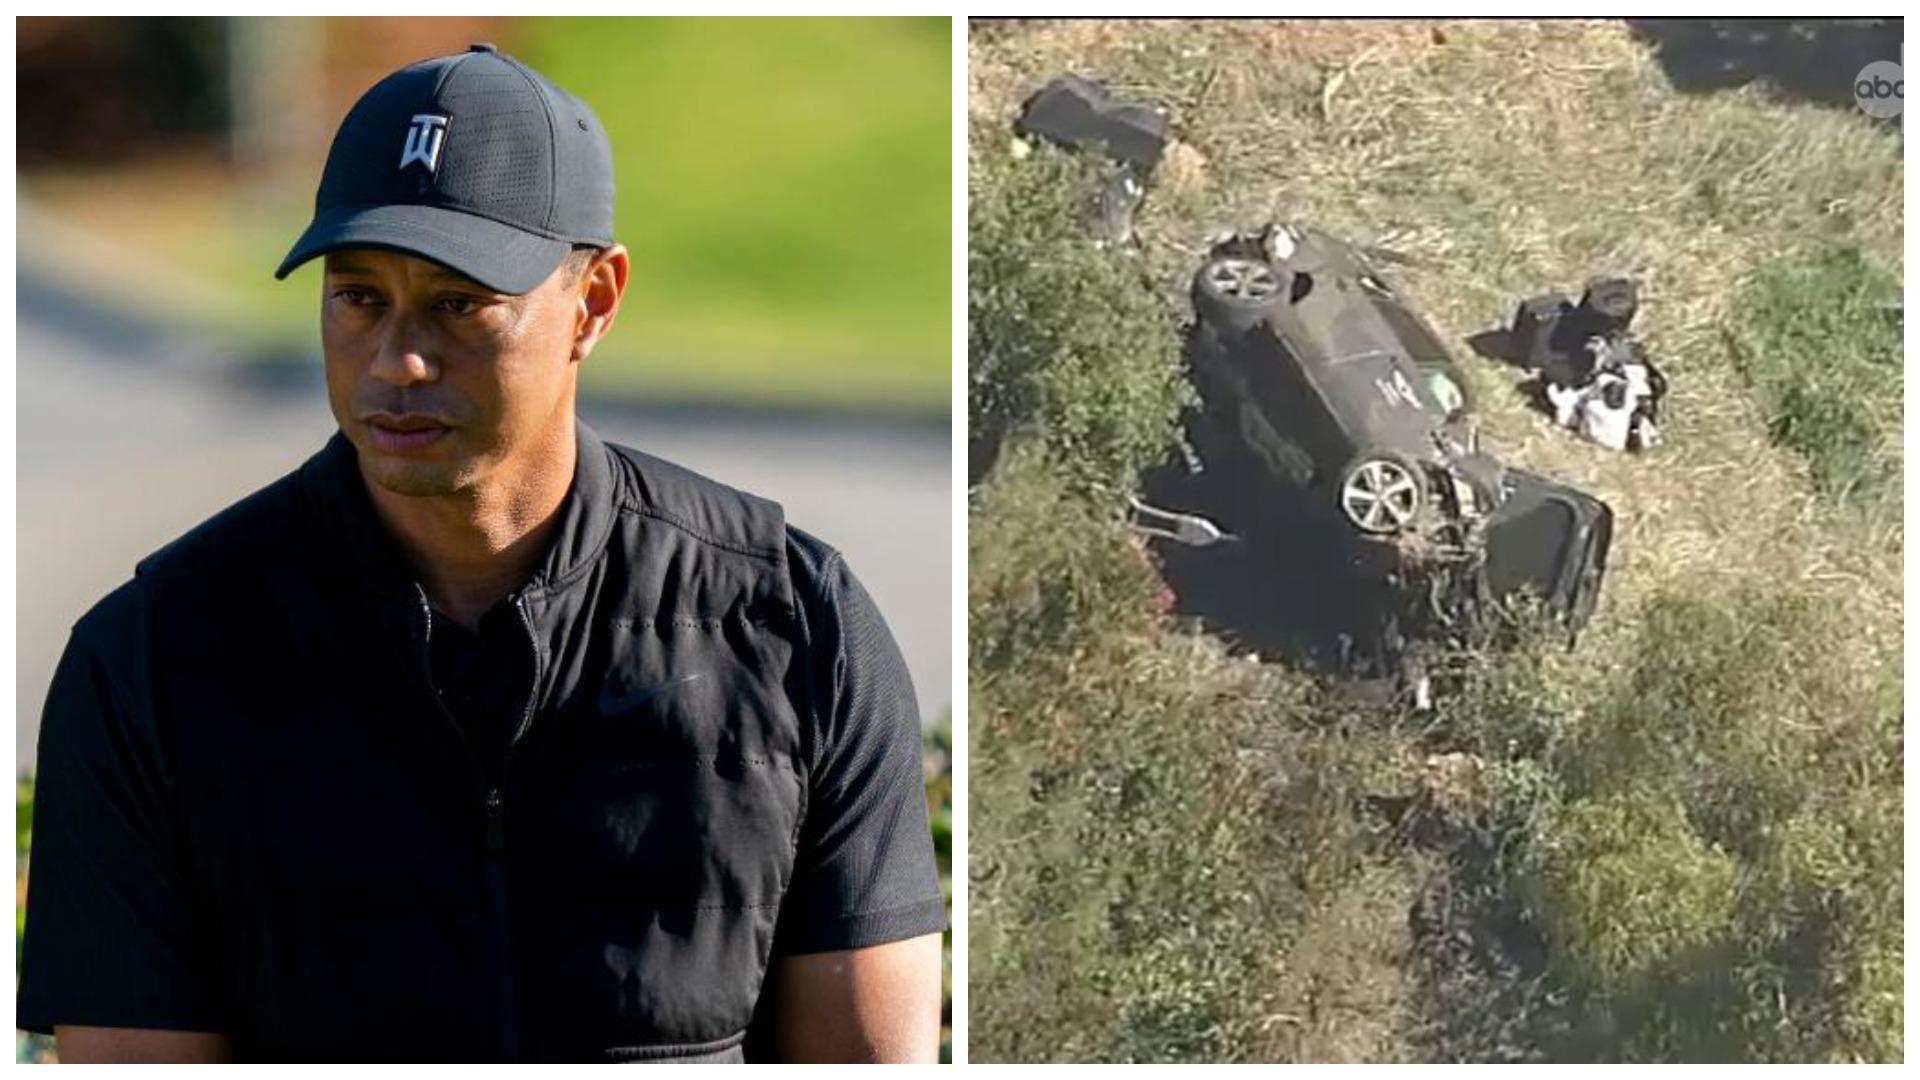 Pësoi aksident të frikshëm me makinë, Tiger Woods: Nuk mbaj mend asgjë!